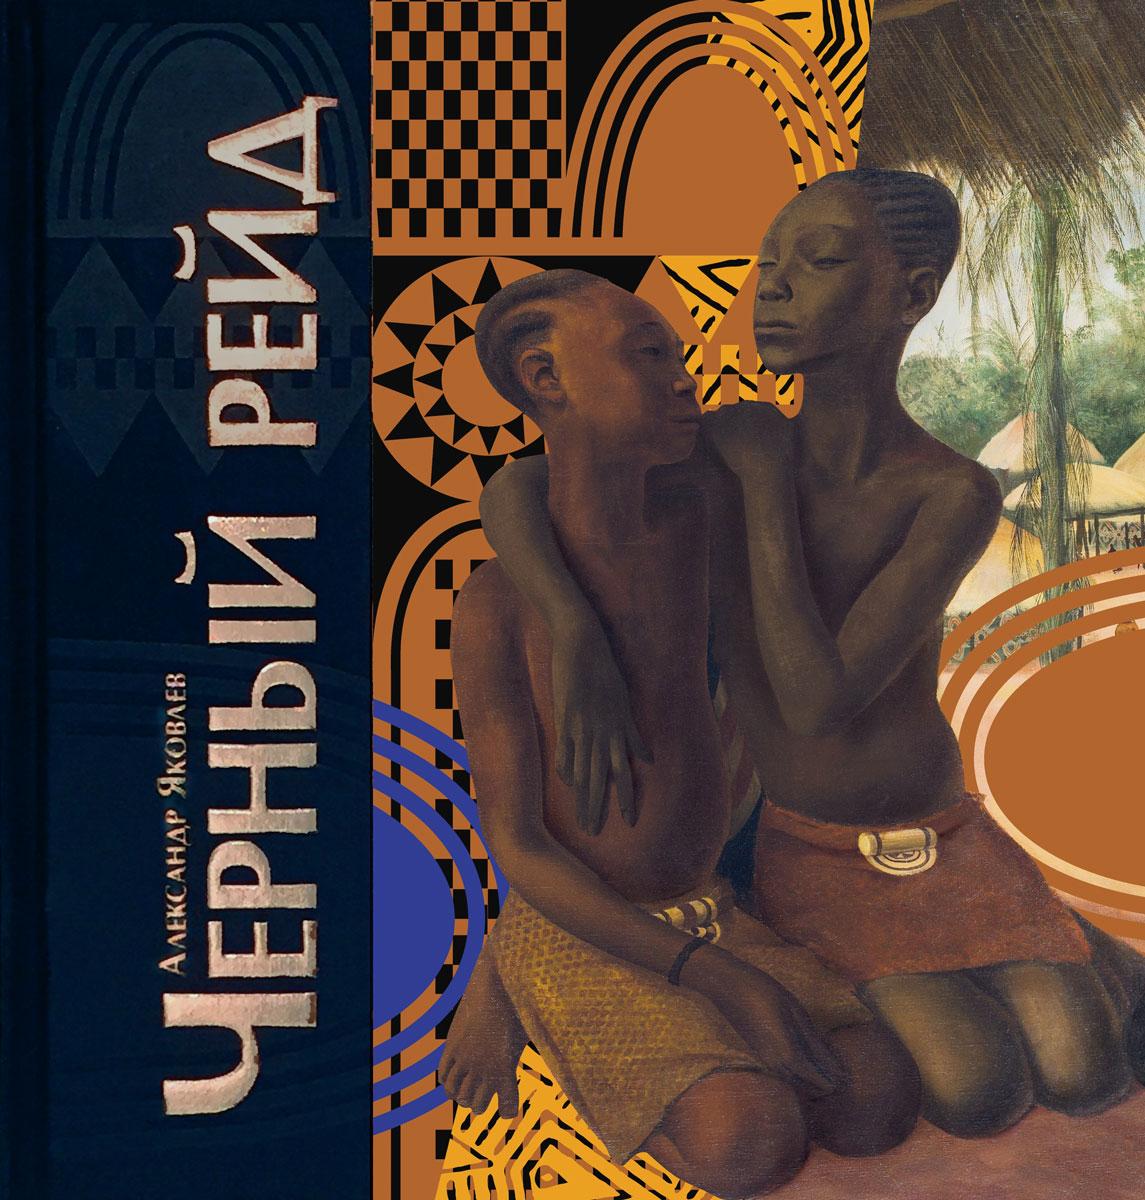 Александр Яковлев Чёрный рейд. Путевой дневник путешествия по Африке в экспедиции автомобильного общества Ситроен (1924-1925)